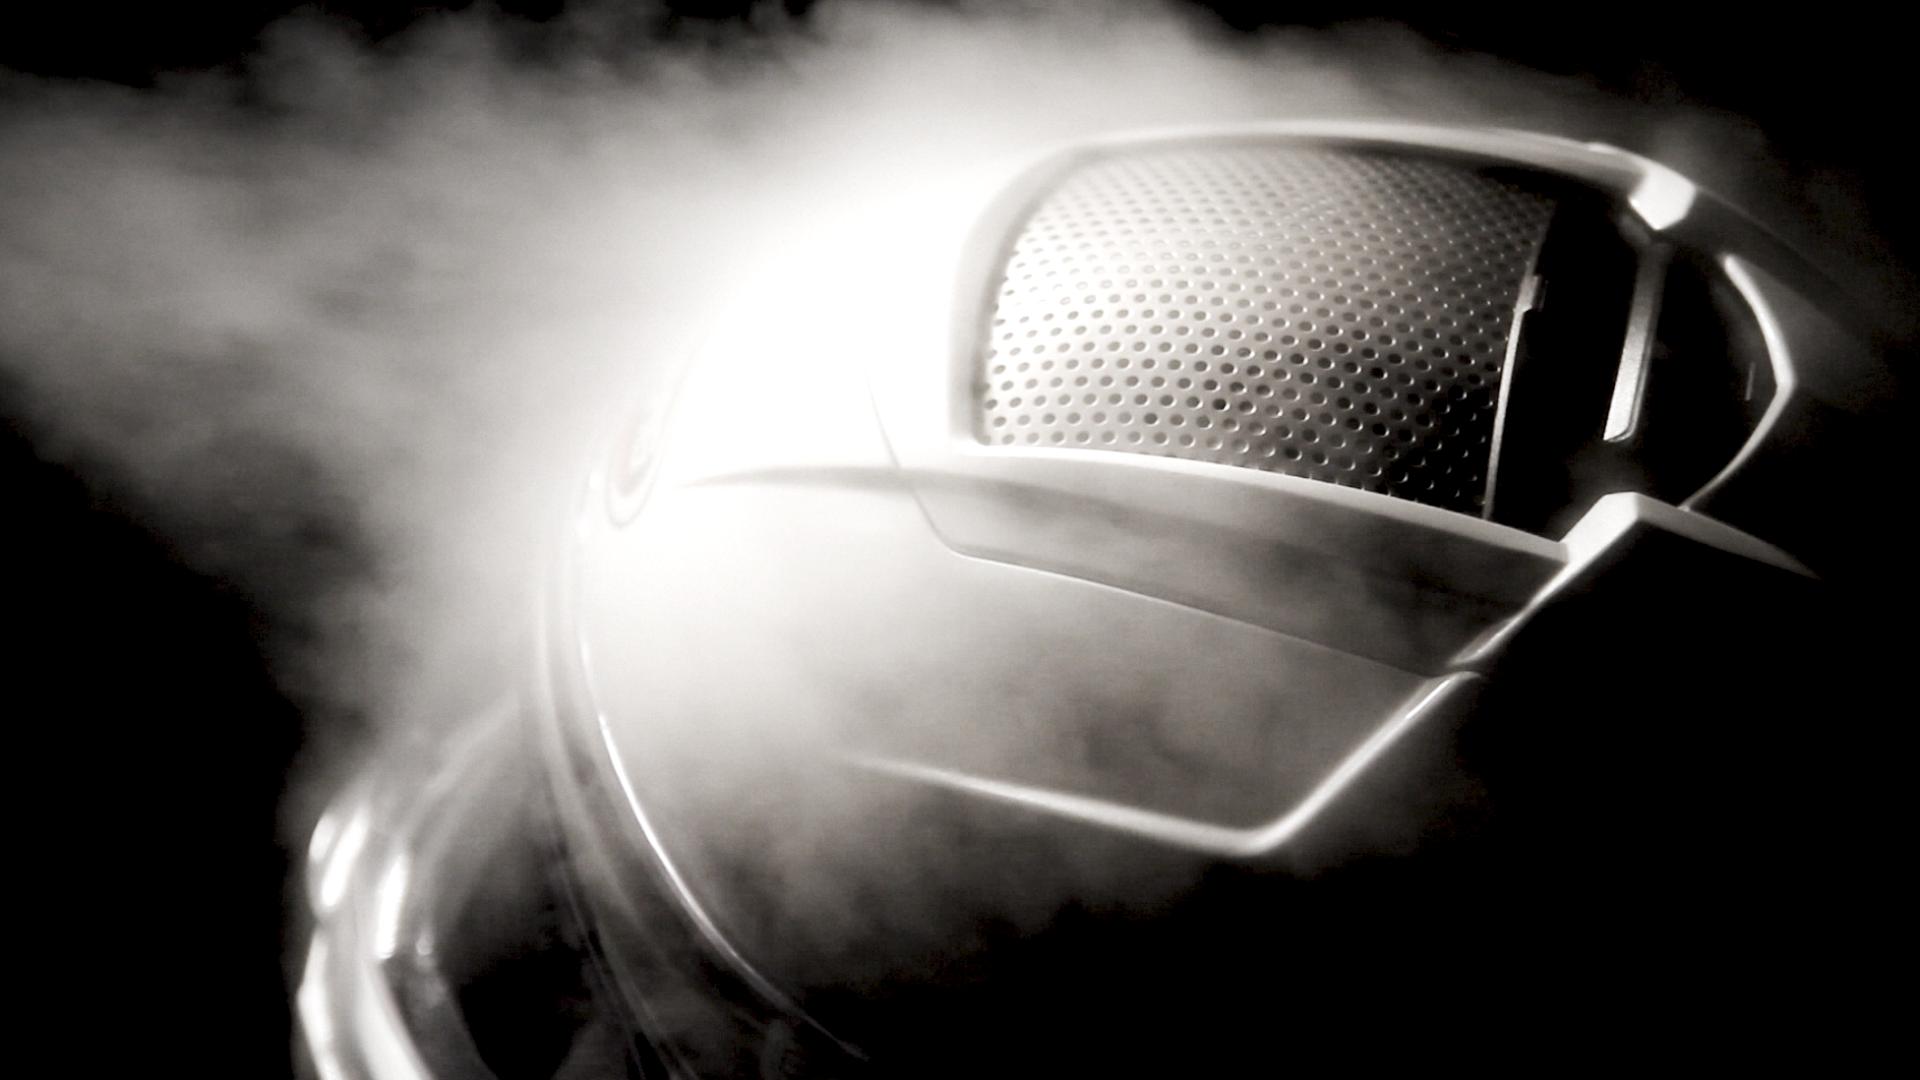 Motorbike helmet in the flux of airflow